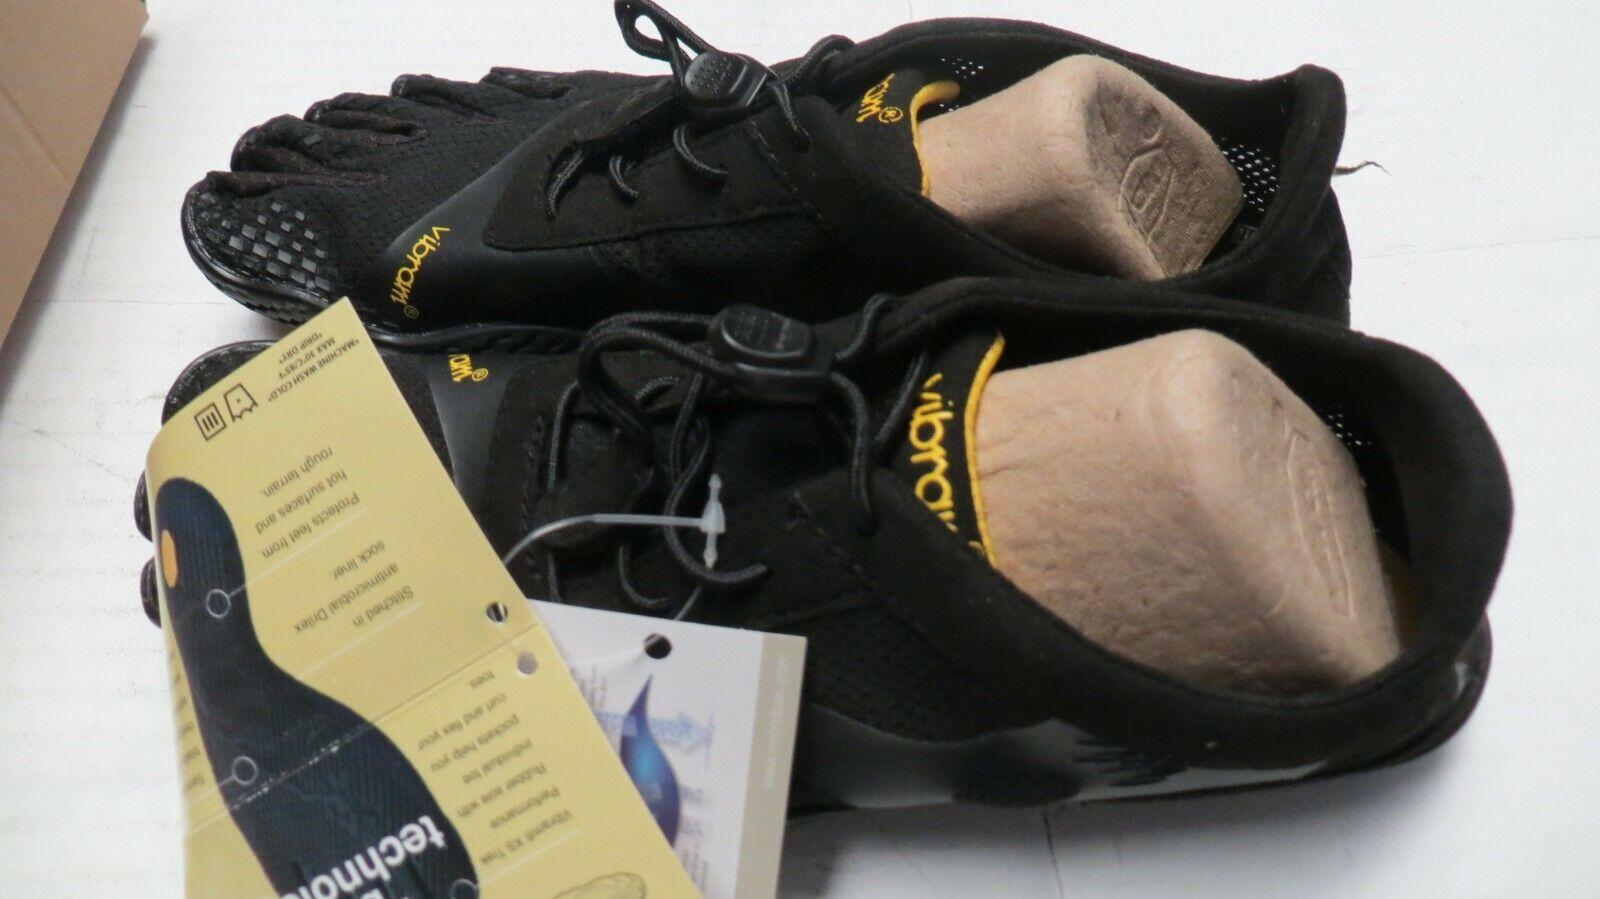 Calzado deportivo fehombresino aislado Vibram Trek Ascent, talla negra 4.0 UK 37 EU